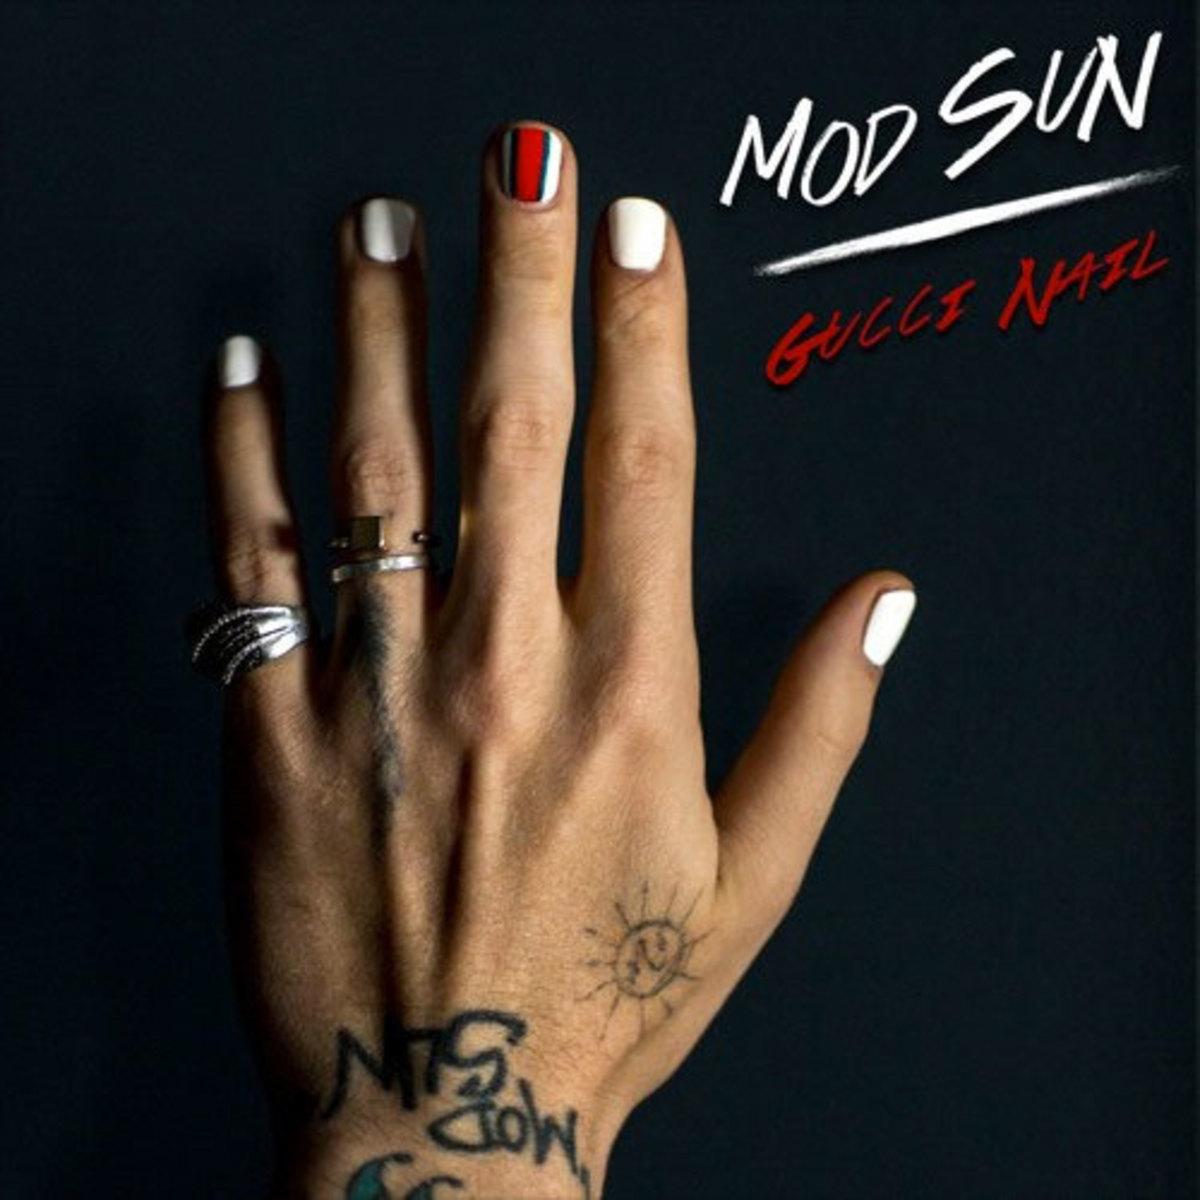 mod-sun-gucci-nail.jpg